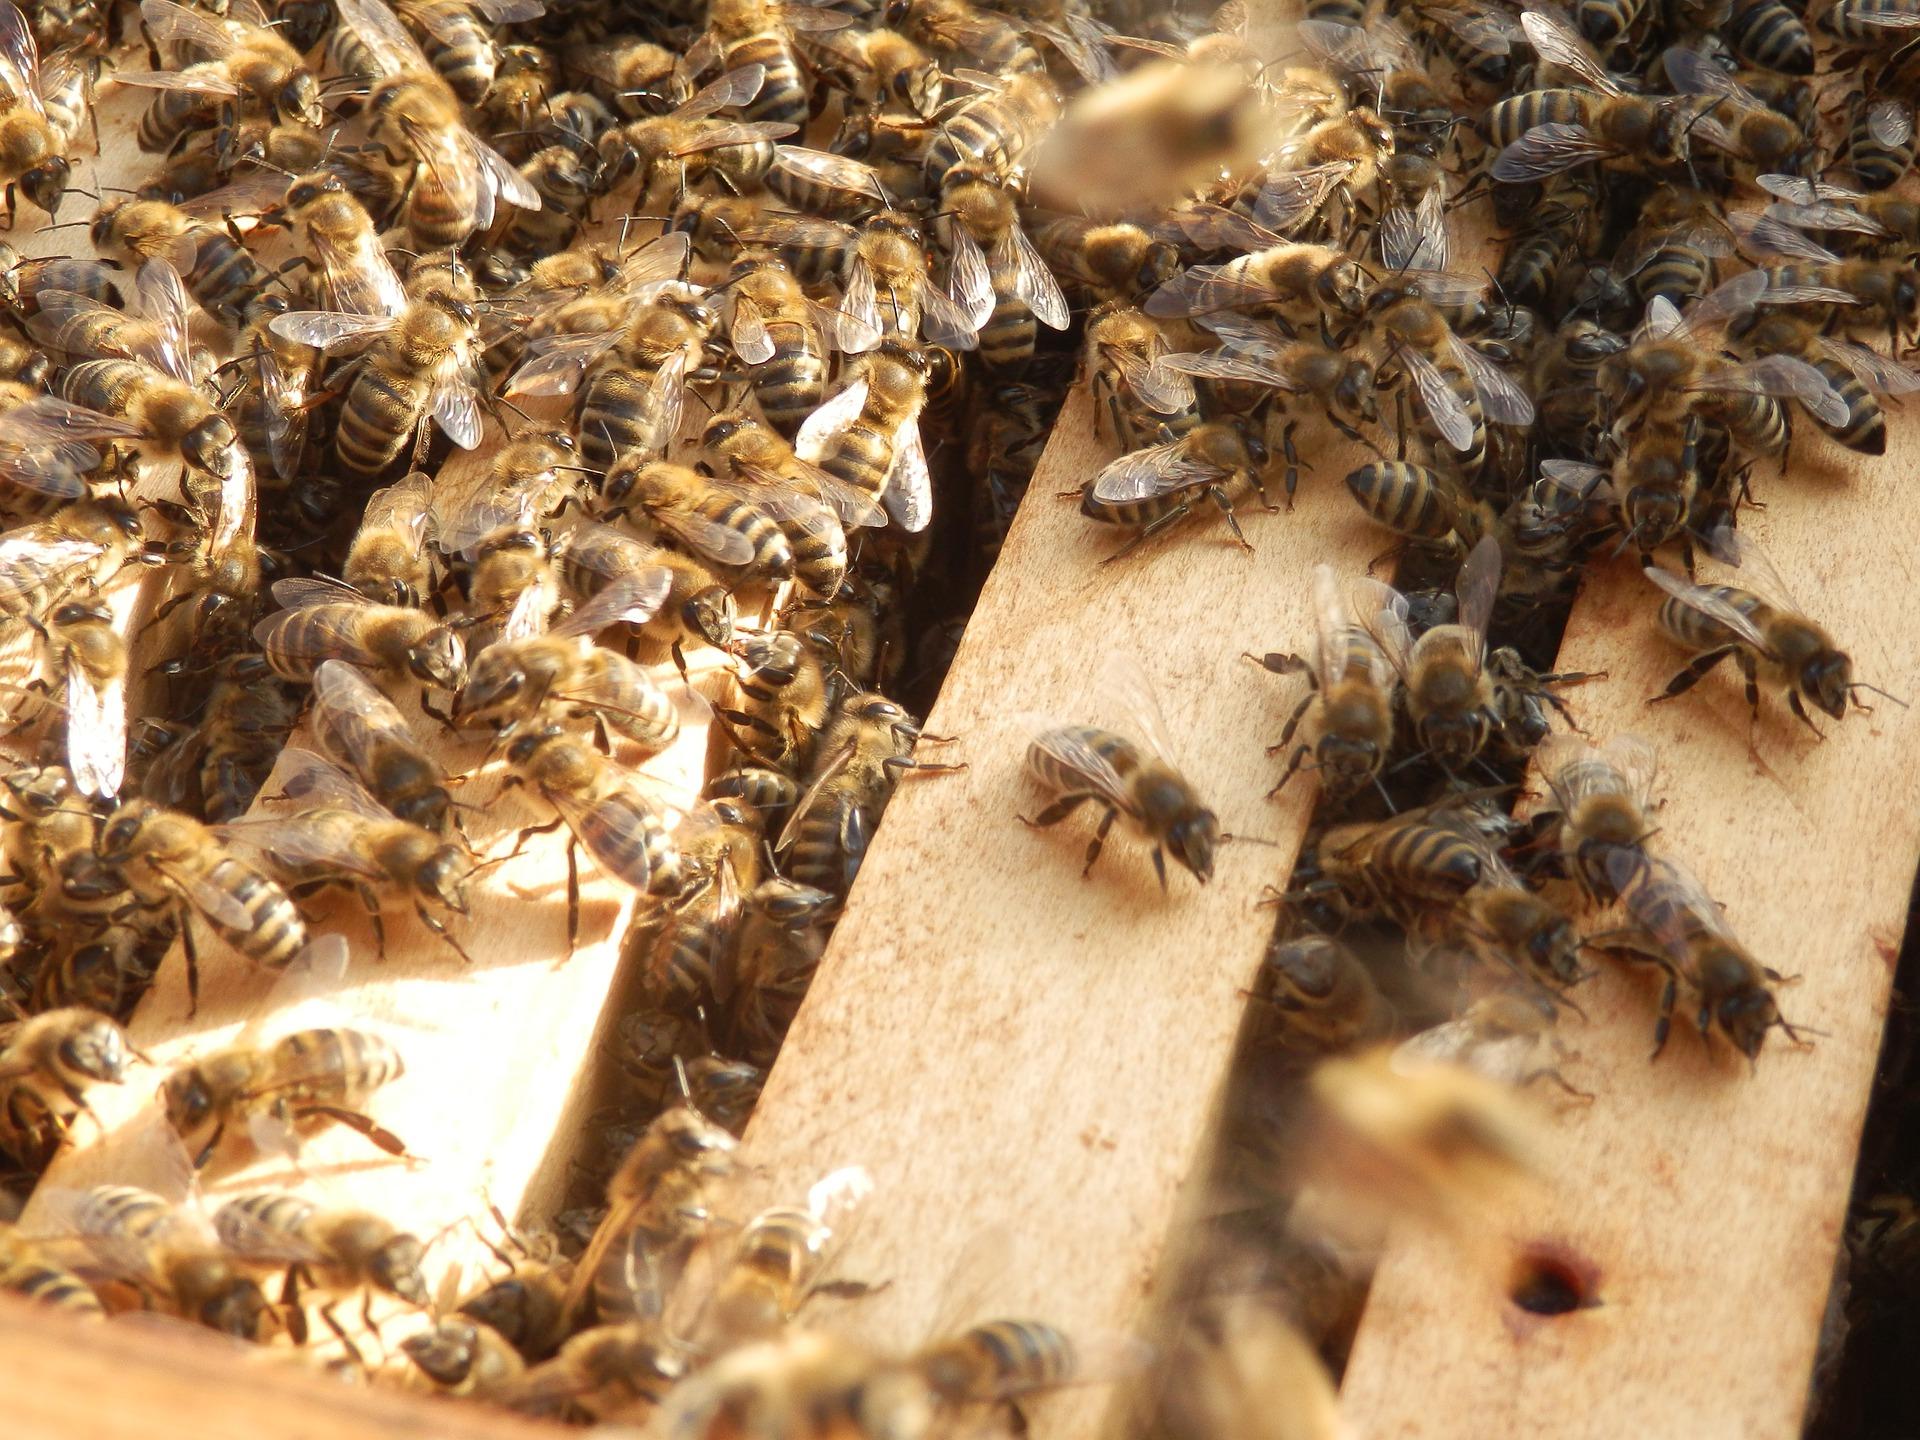 Мінекономіки перерозподілить кошти на держпідтримку бджільництва, щоб усі пасічники отримали допомогу — Висоцький